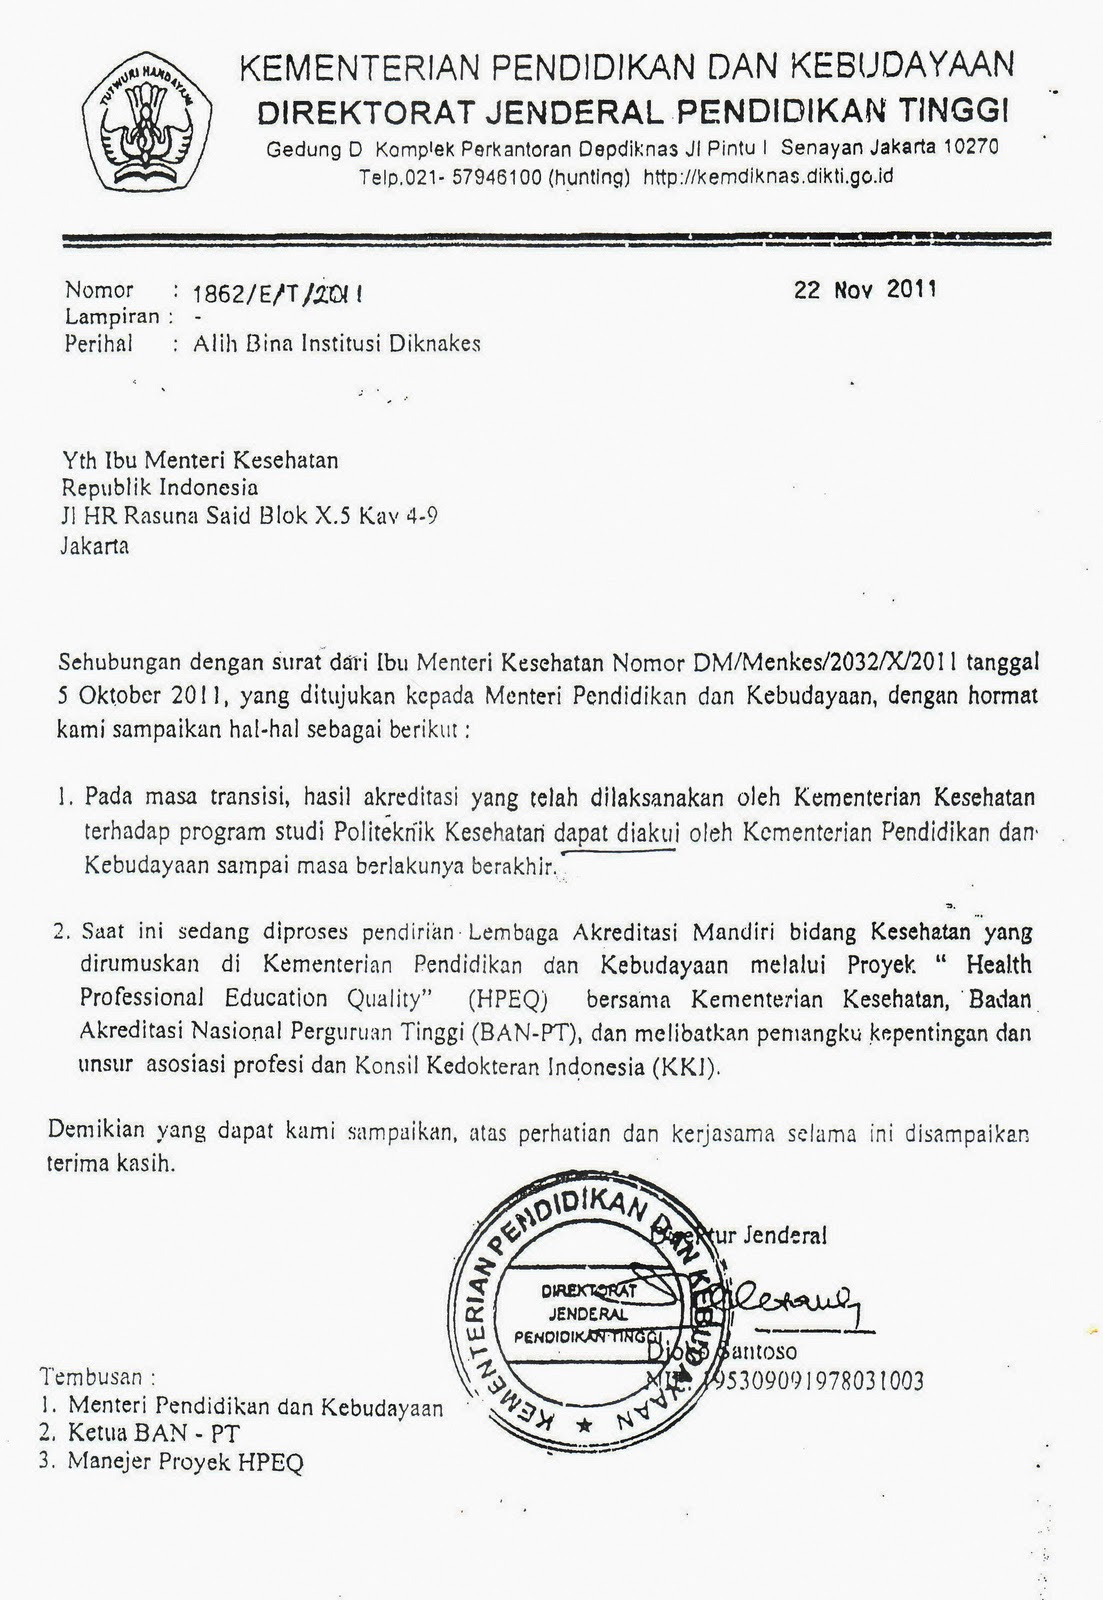 Contoh Surat Dinas Hanging Paragraph Detil Gambar Online